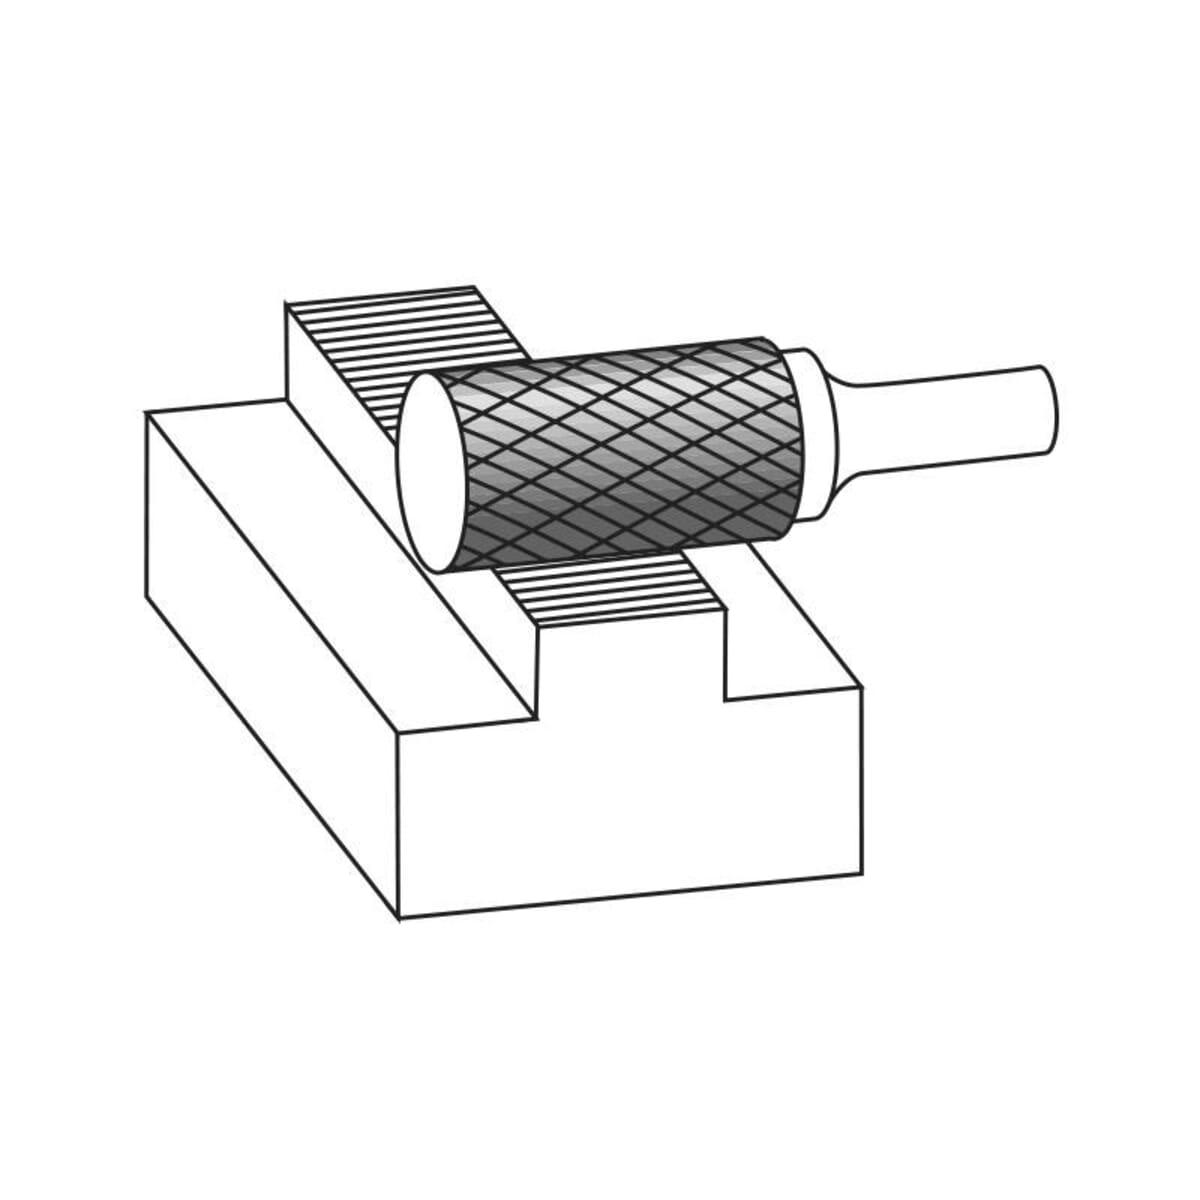 6mm (3mm) x 45mm (13mm) Cylinder Shape Plain Cut Burrs - Carbide (Karnasch 11.3000)